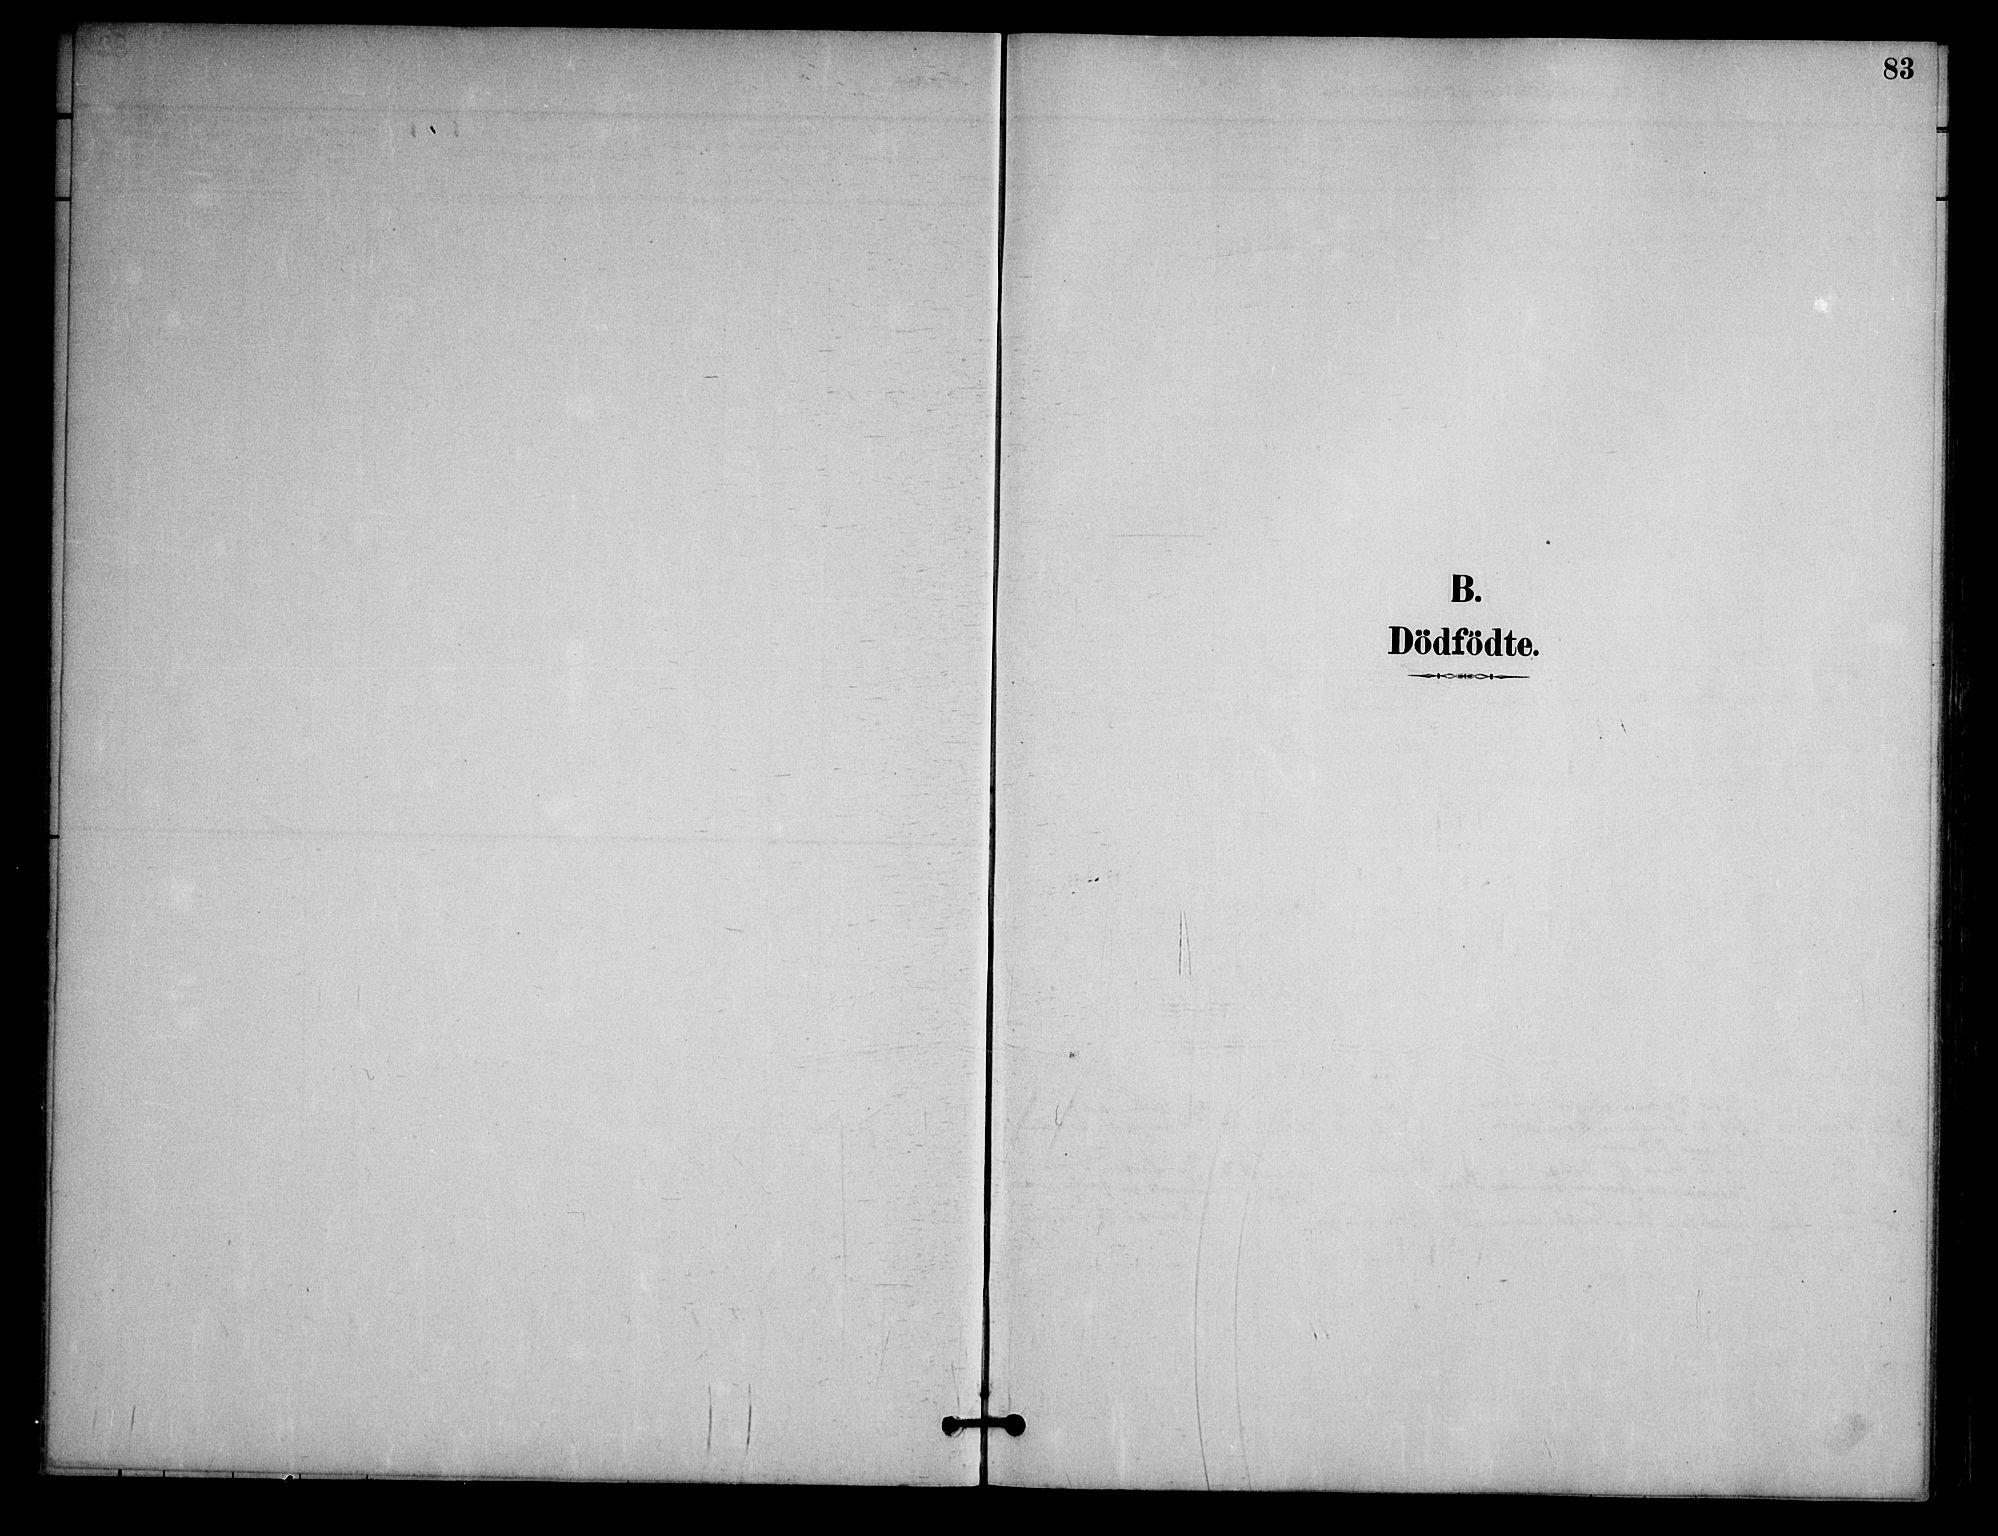 SAKO, Nissedal kirkebøker, G/Ga/L0003: Klokkerbok nr. I 3, 1887-1911, s. 83